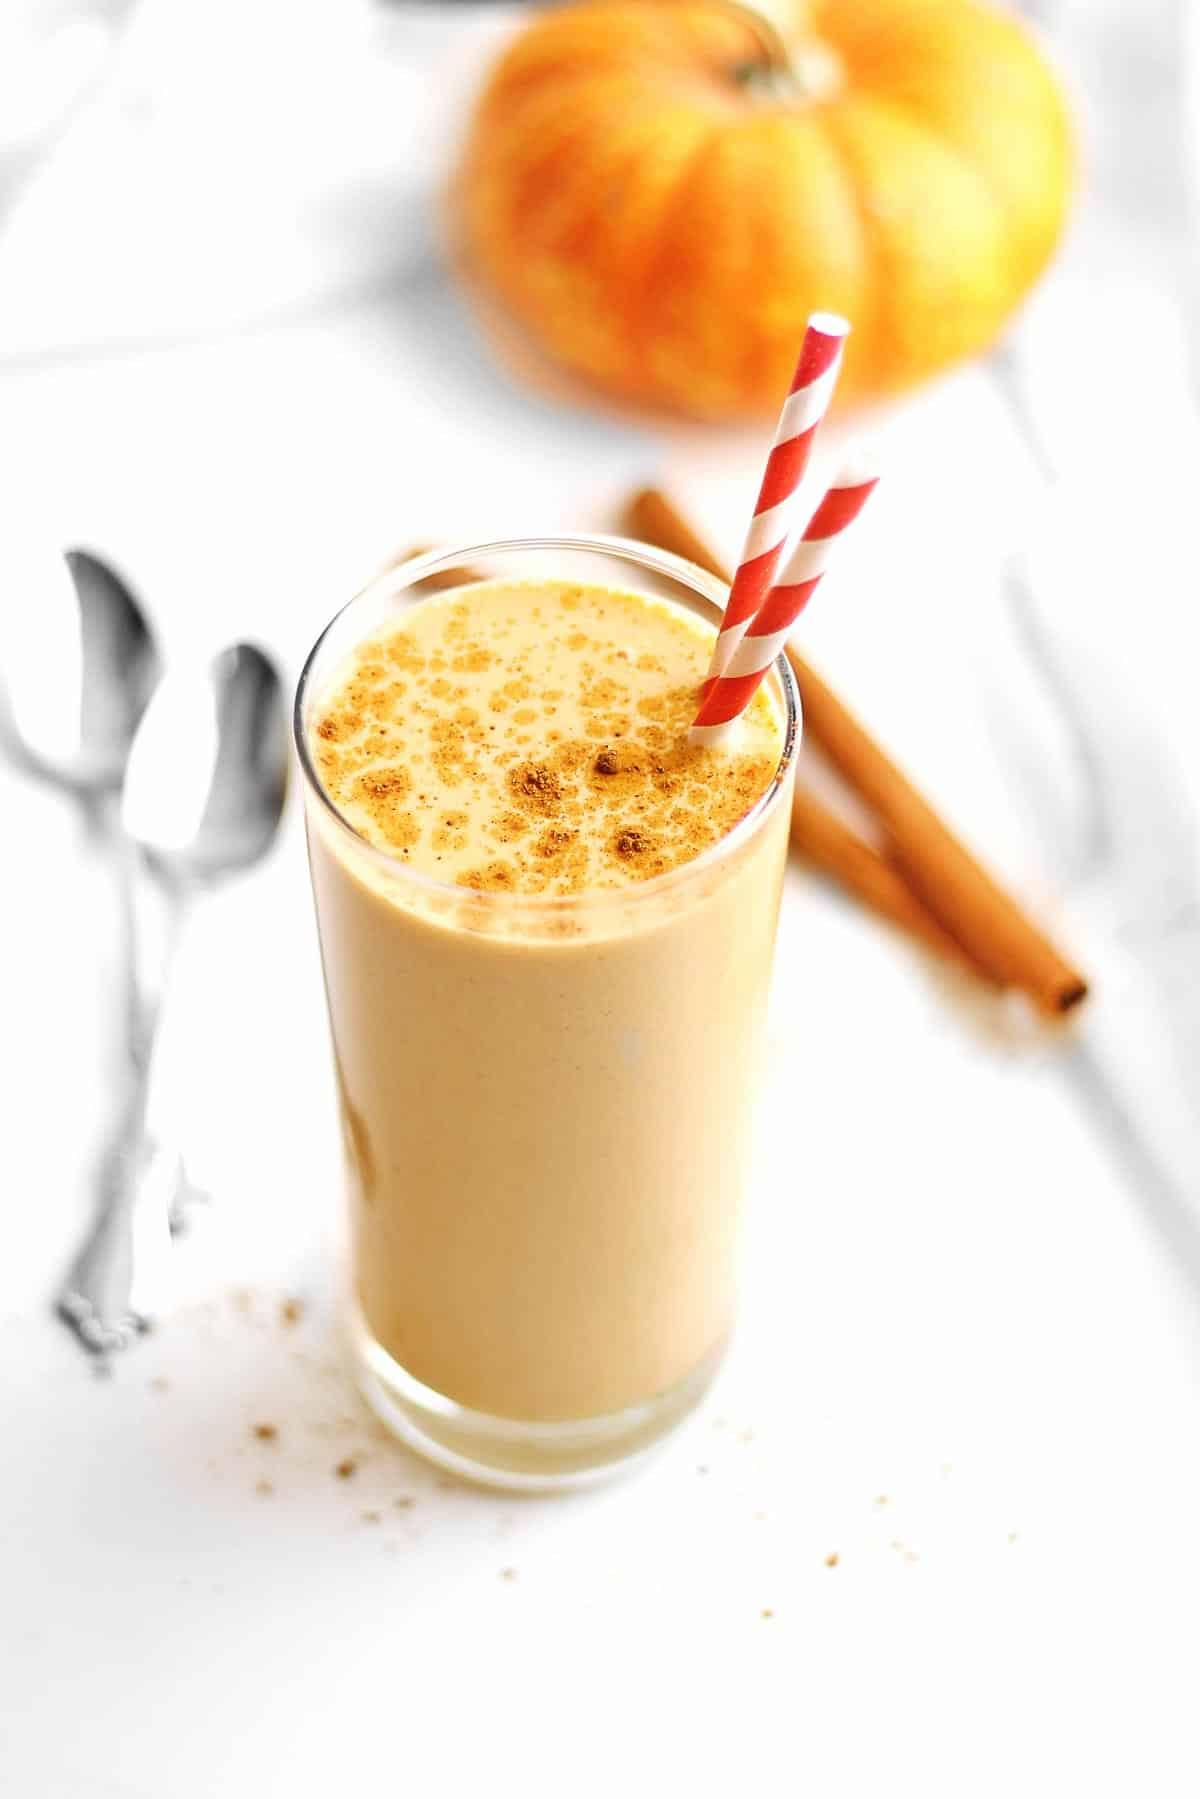 Pumpkin pie smoothie with 2 straws